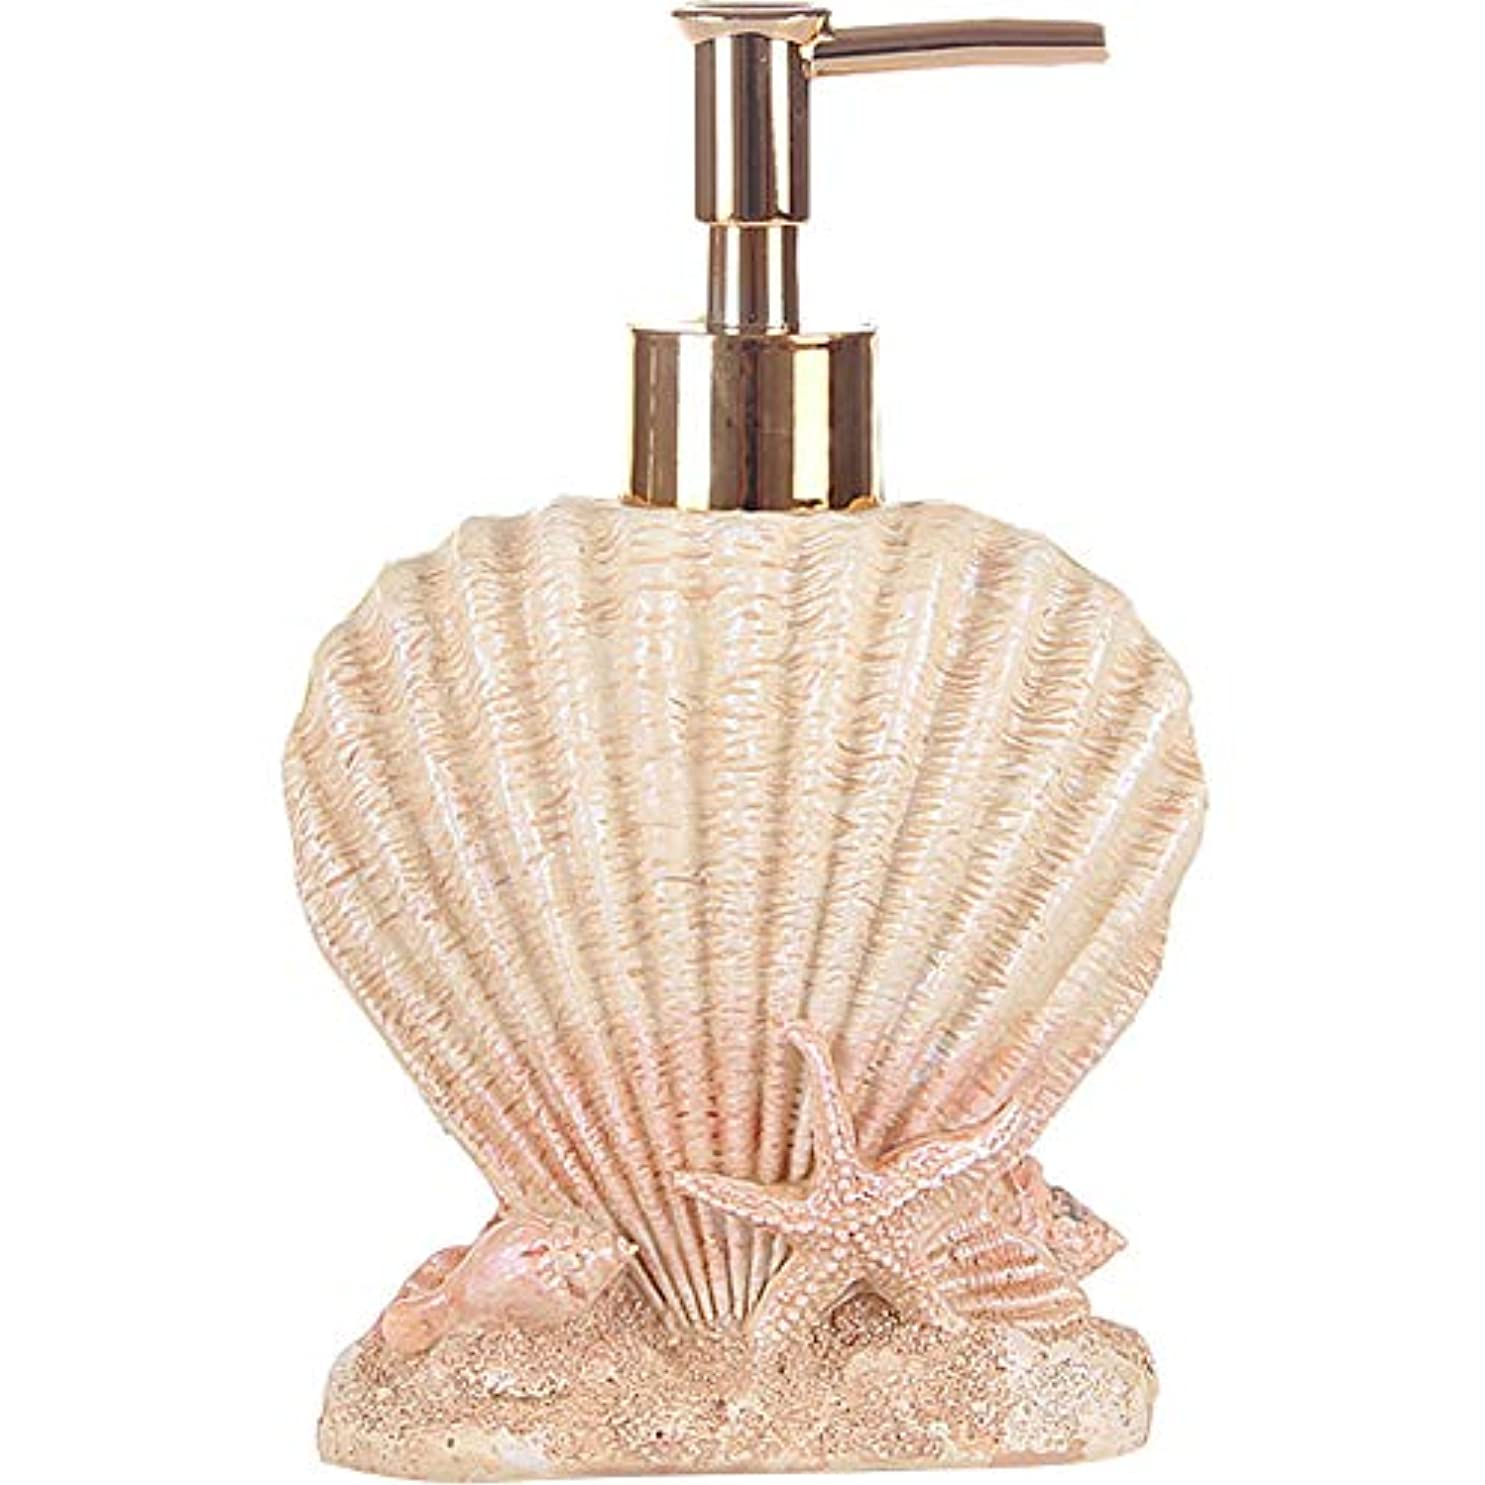 先にラリーグループ(Shell) - Creative Beach Shells European Style Hand Soap Liquid Bottles Resin Shampoo Dispenser (shell)